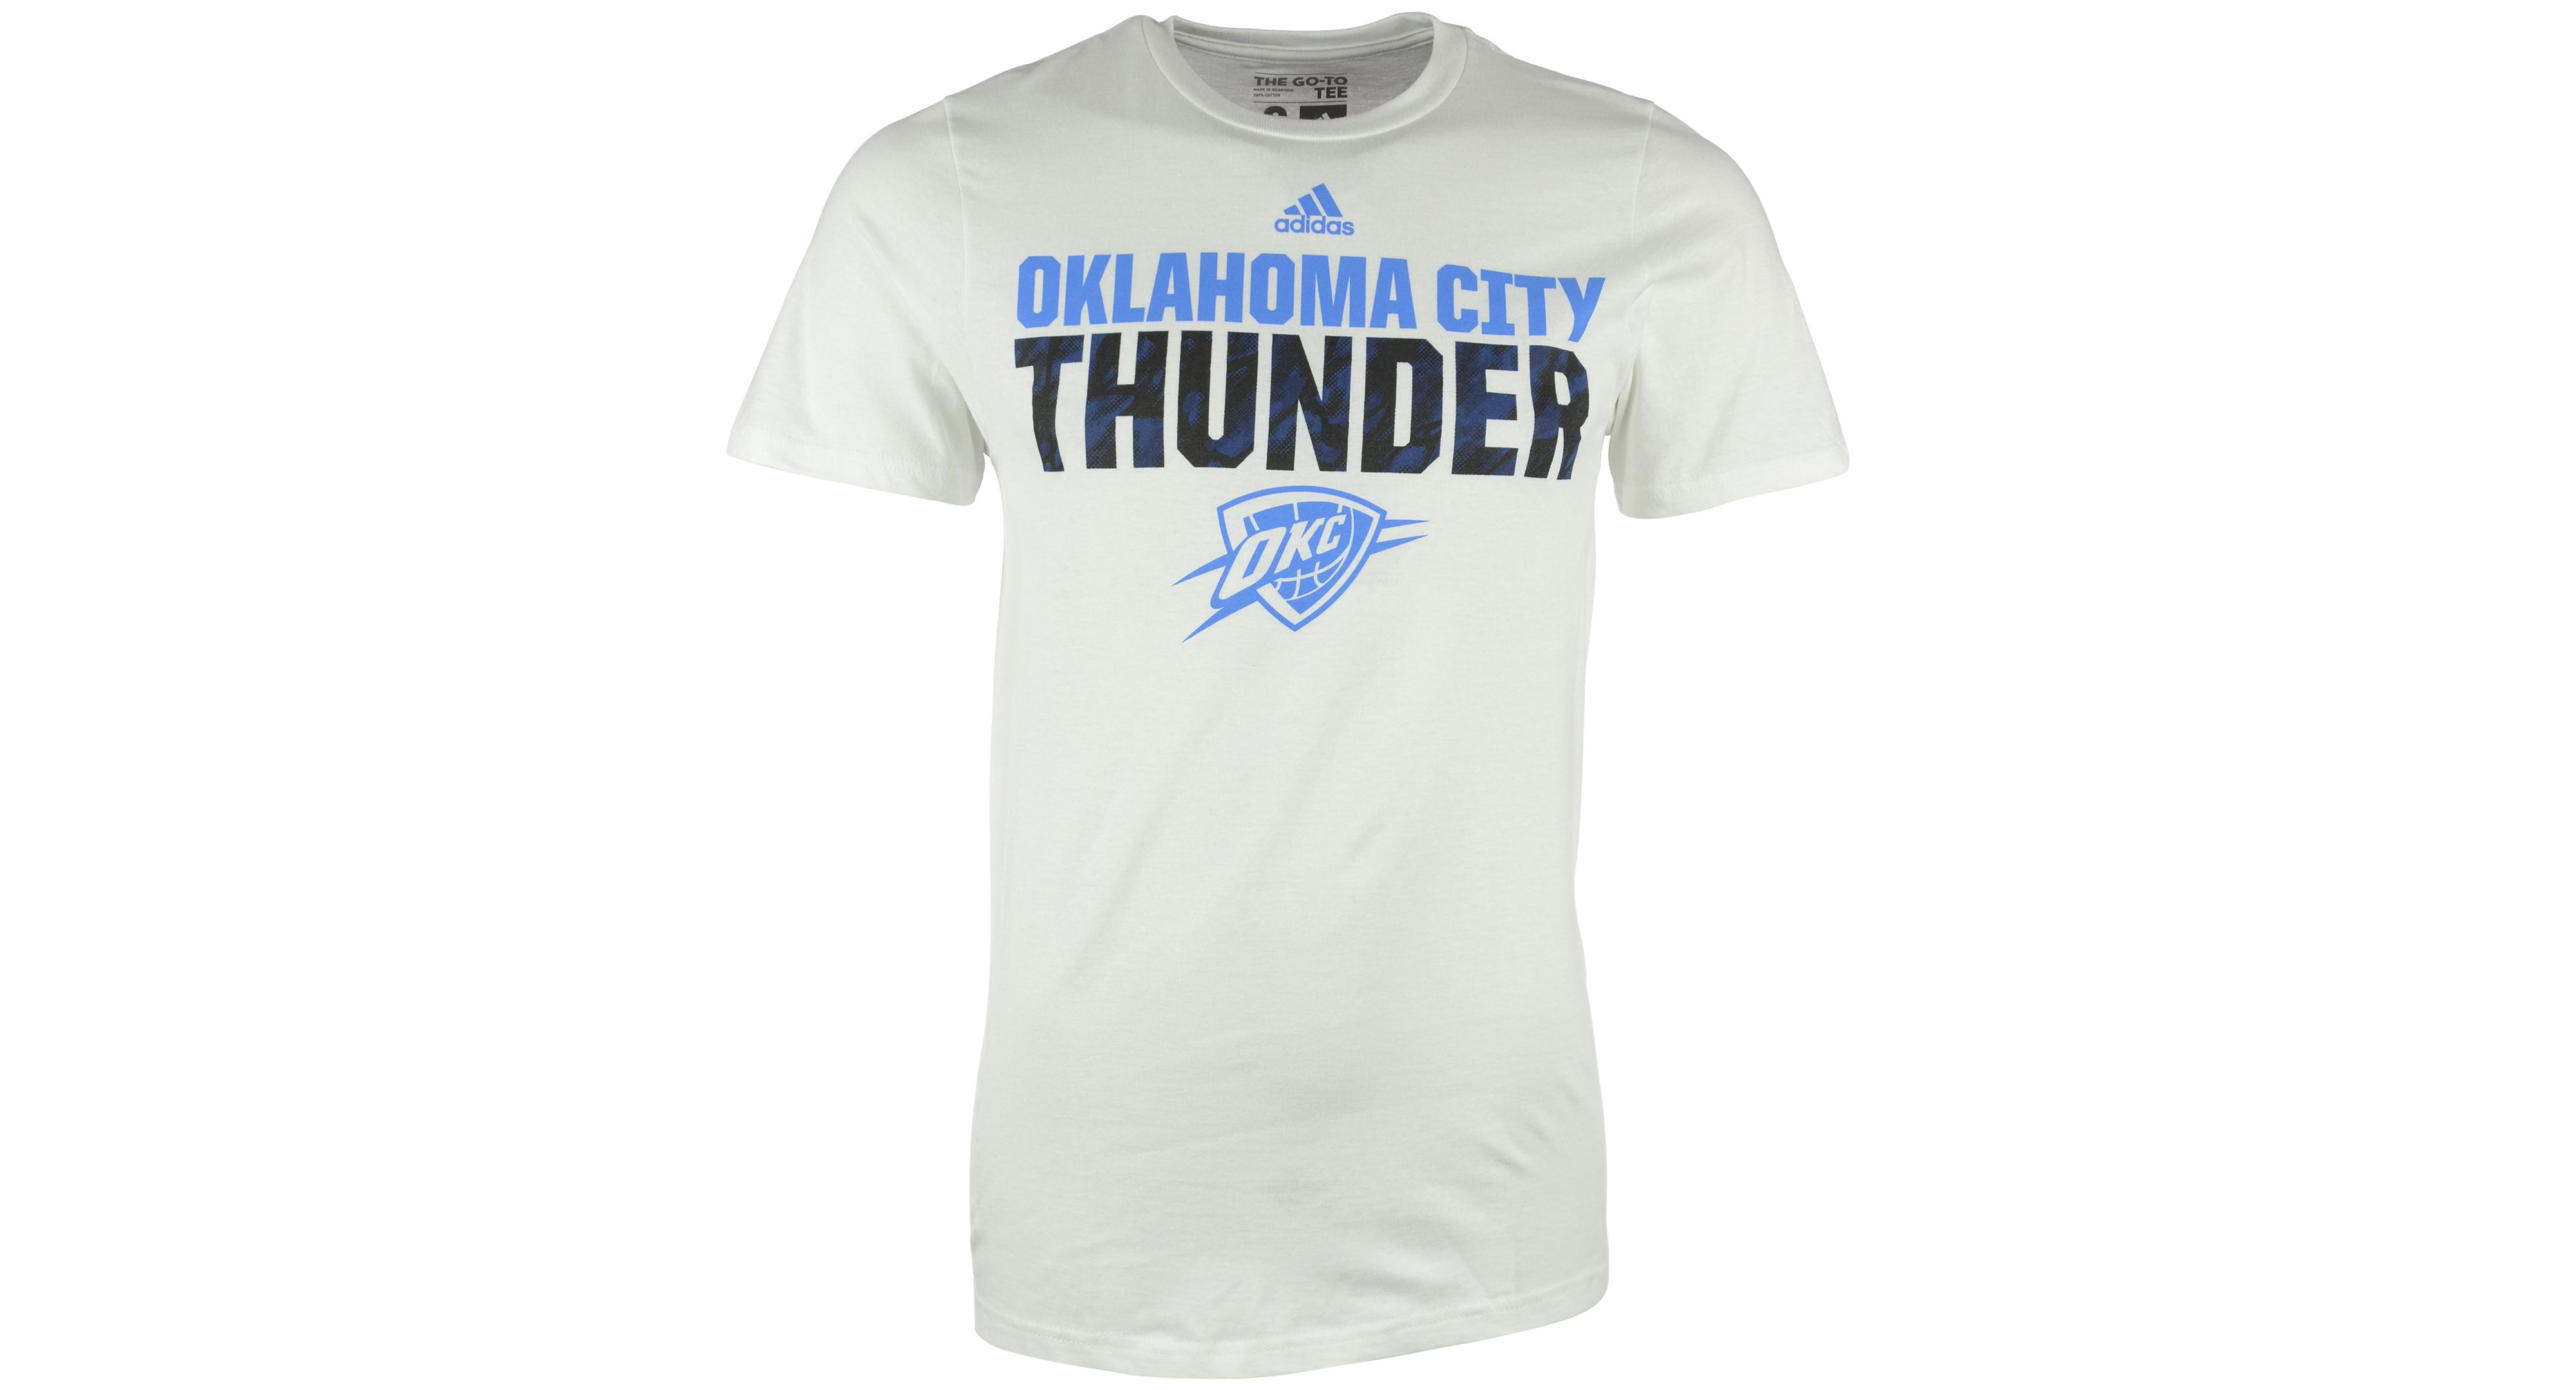 Adidas menus oklahoma city thunder immortal team tshirt products